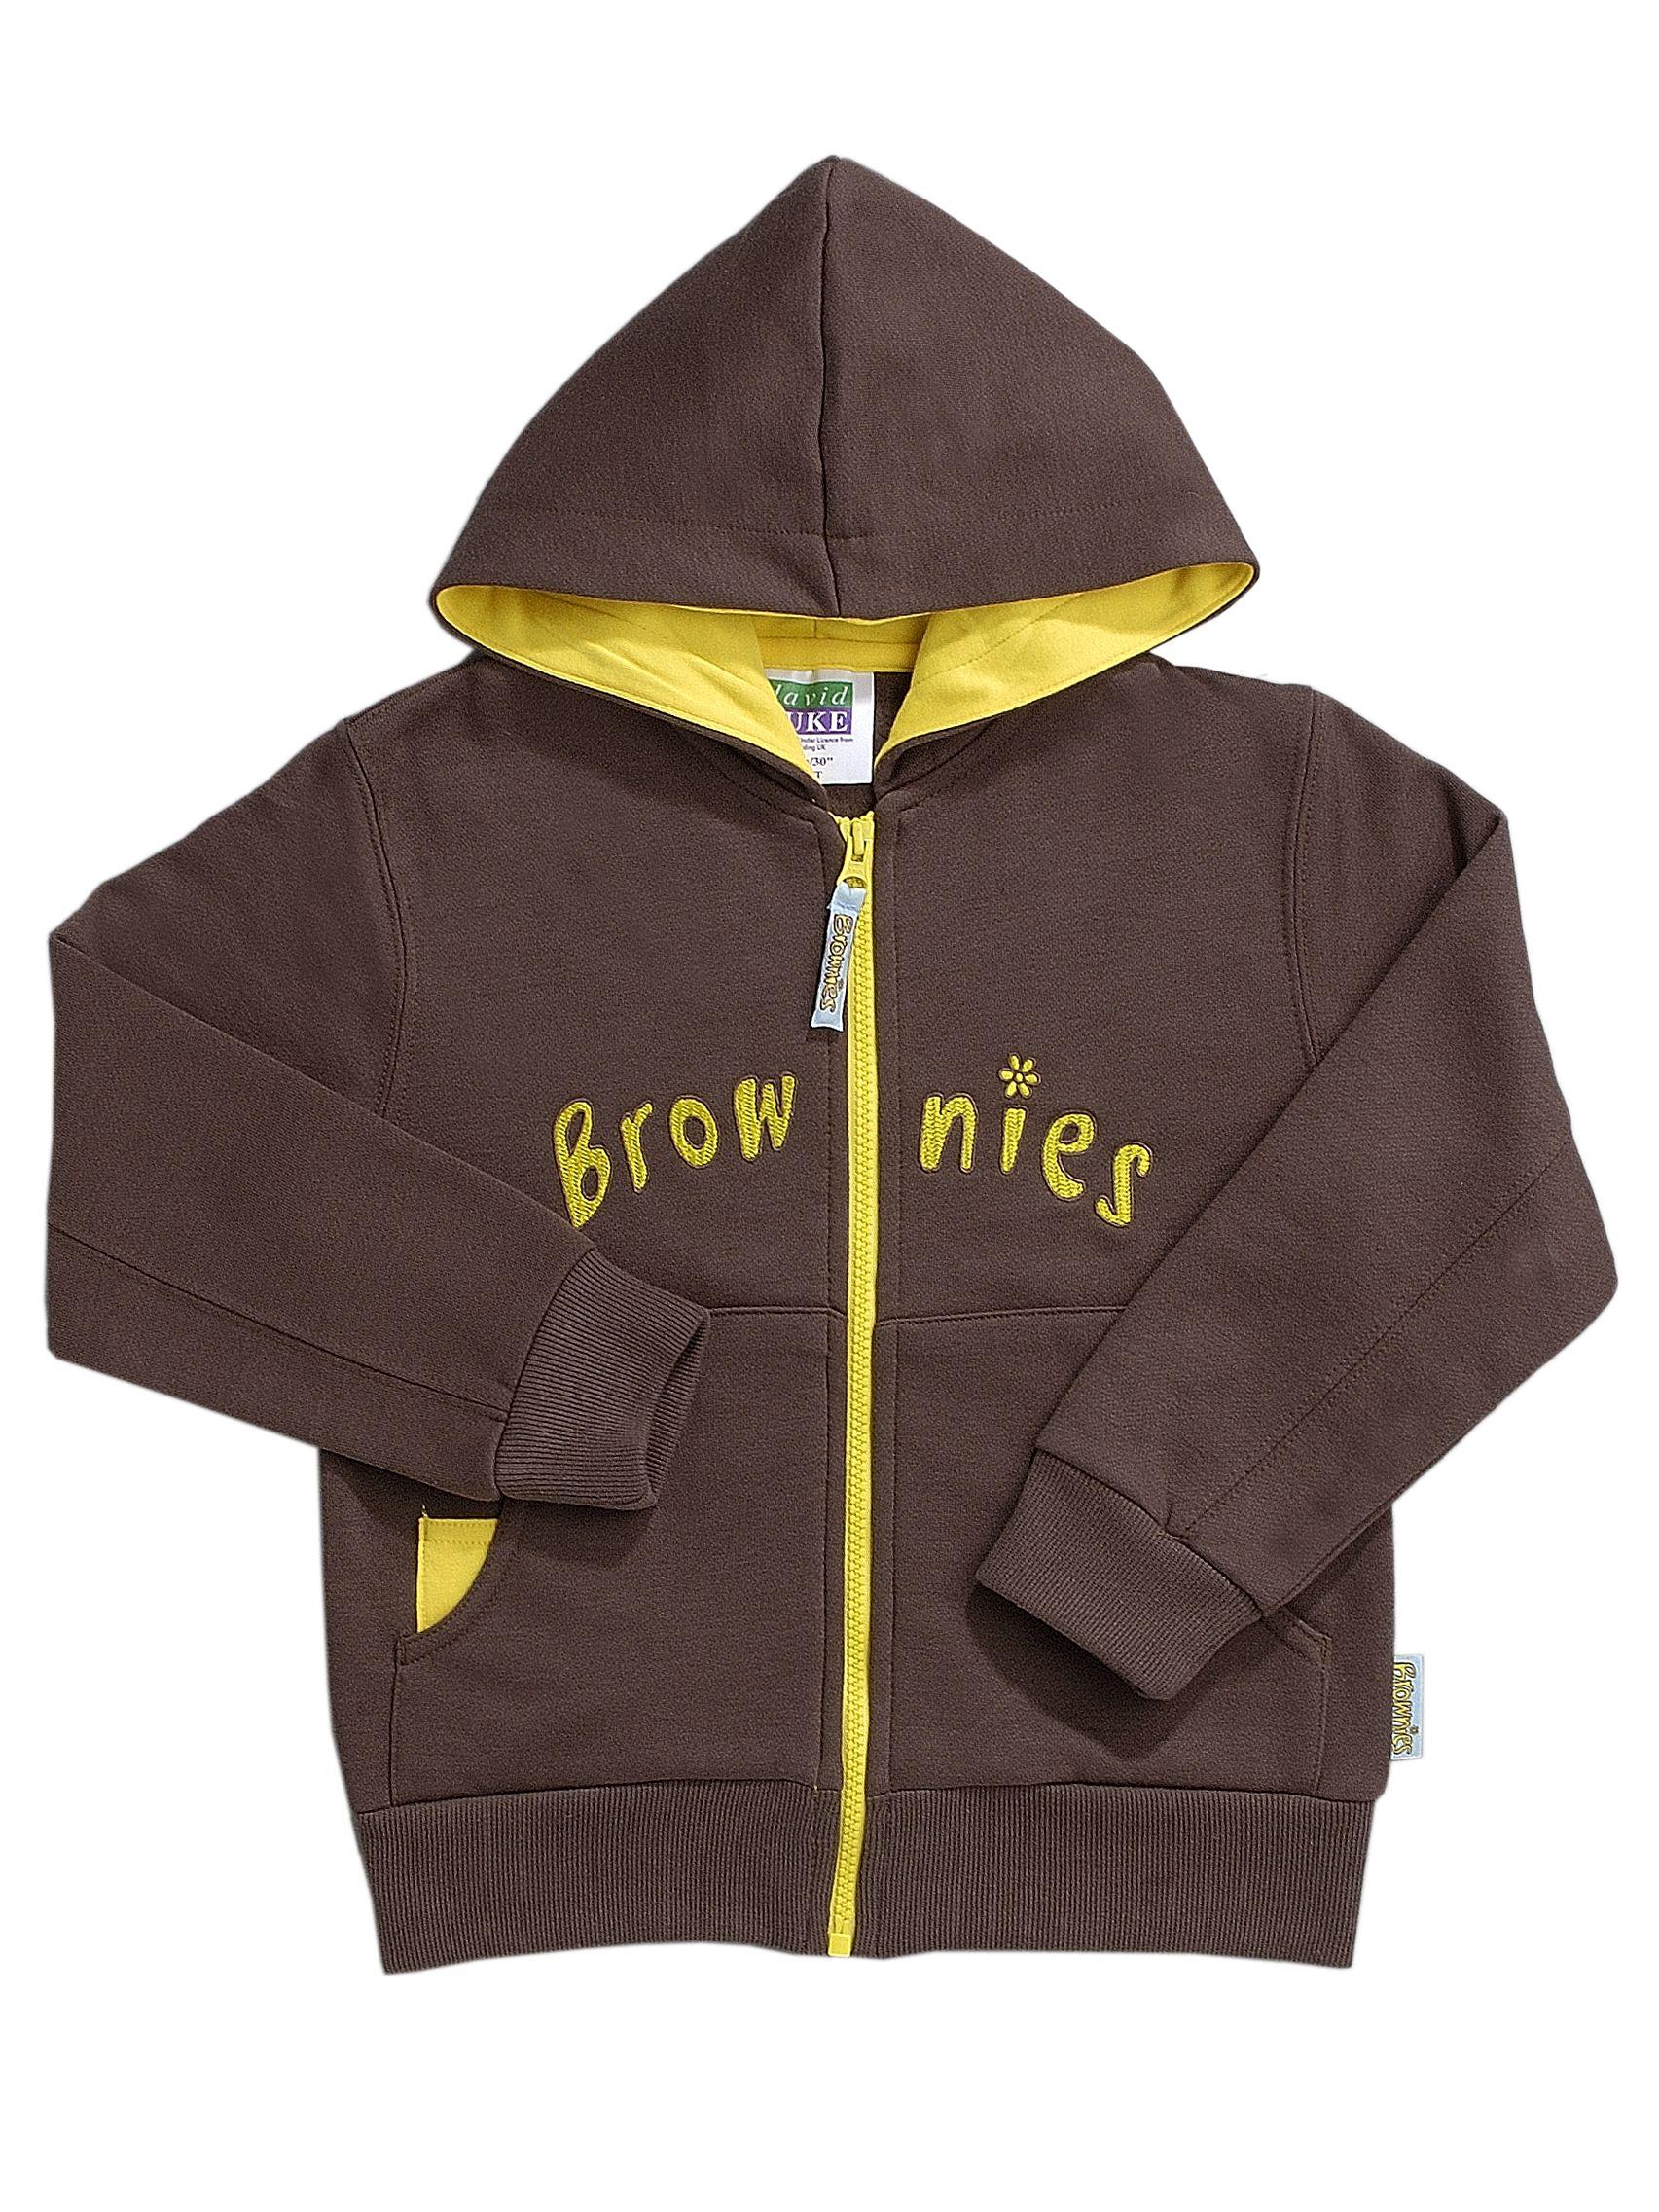 Buy Brownies Uniform Hooded Zipped Top, Brown Online at johnlewis.com